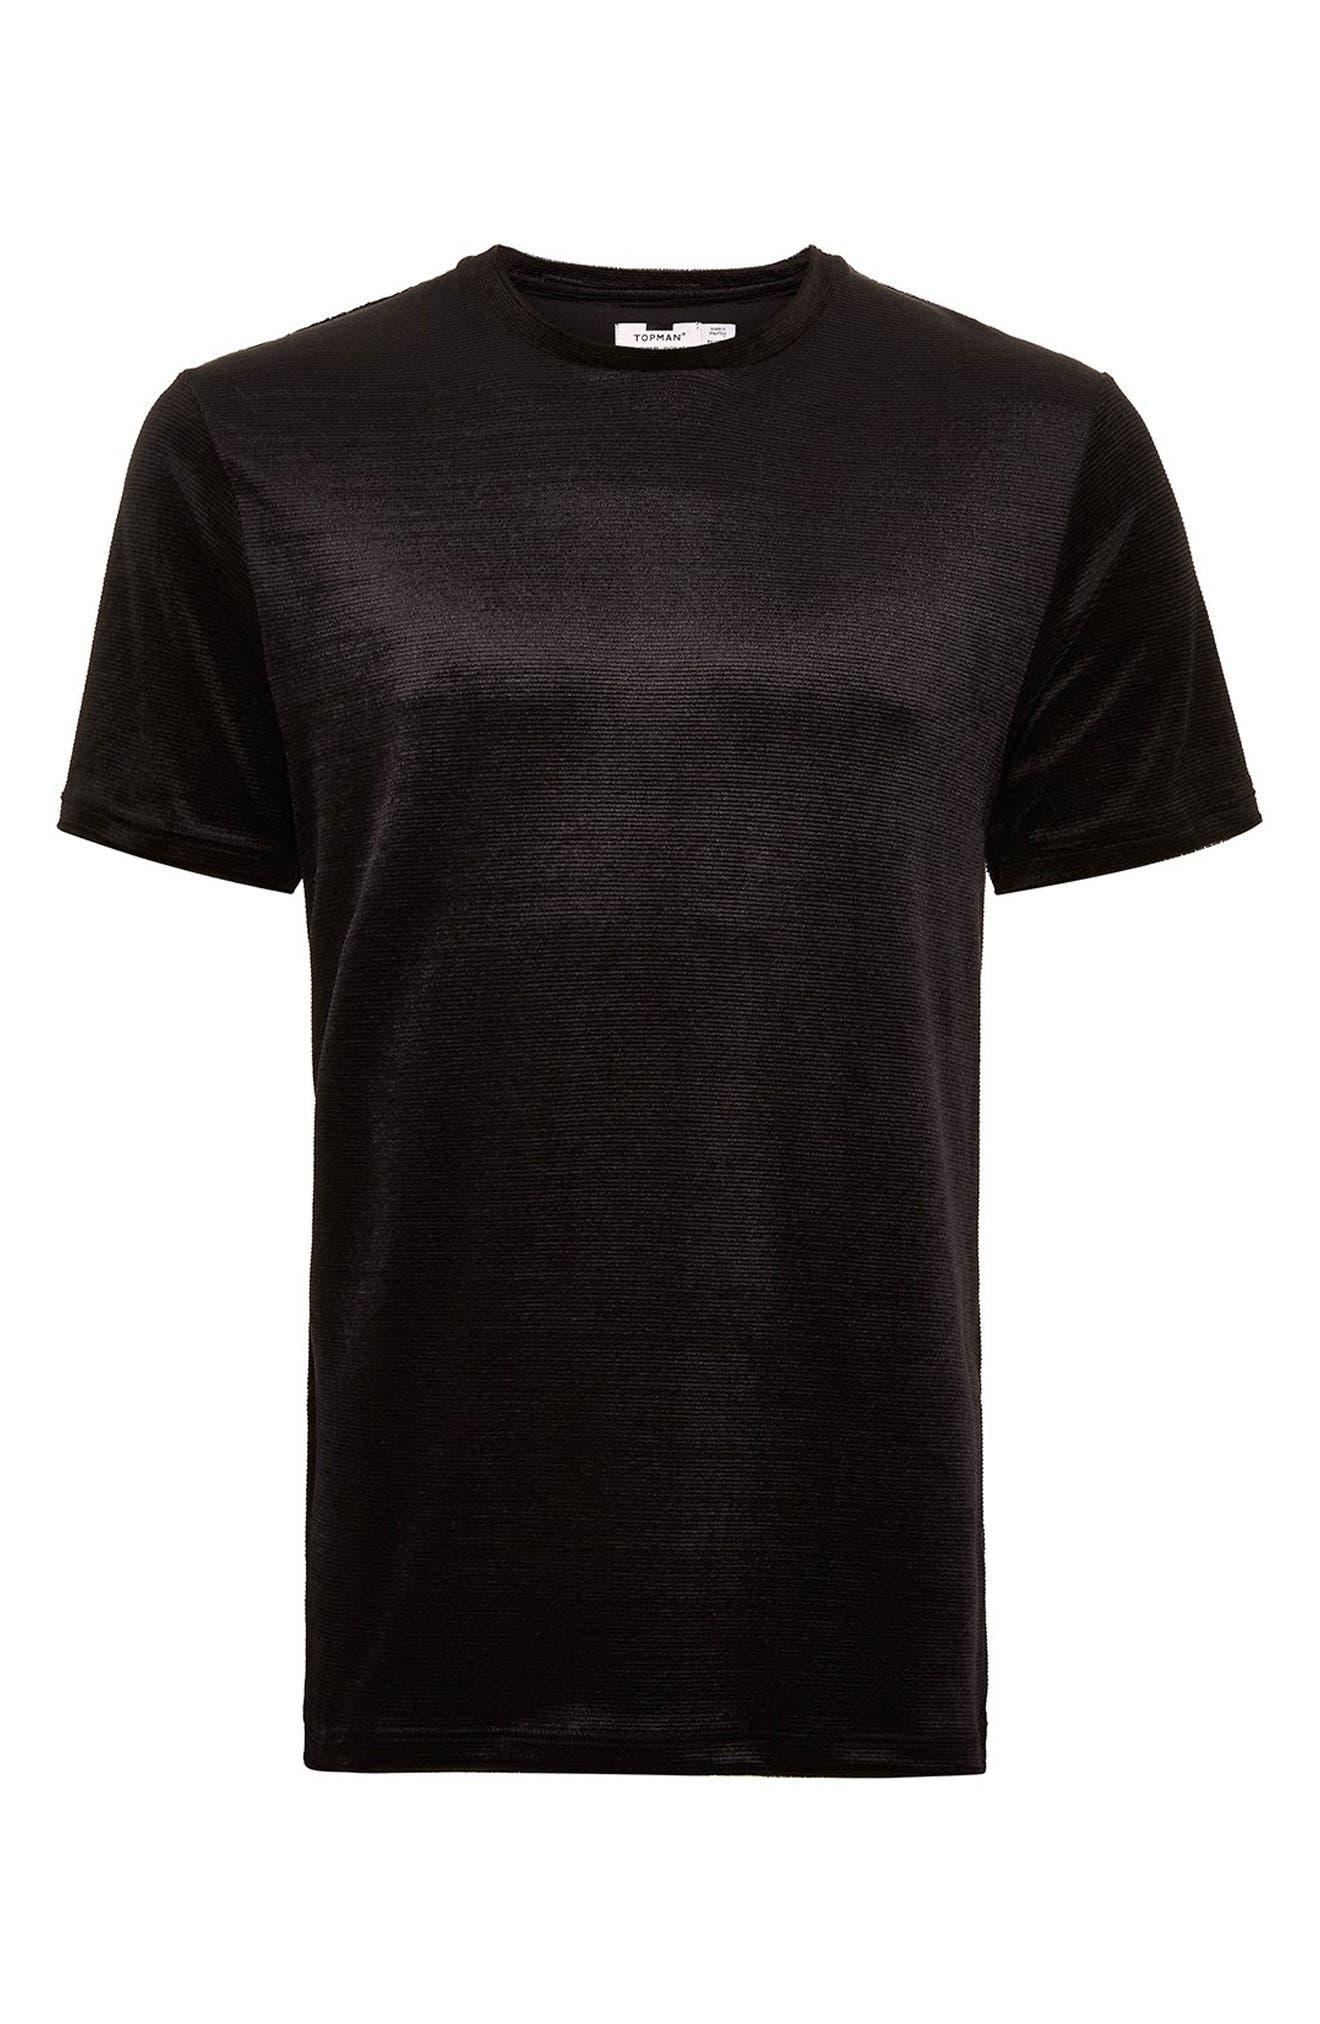 Topshop Velour Classic Fit T-Shirt,                             Alternate thumbnail 3, color,                             001